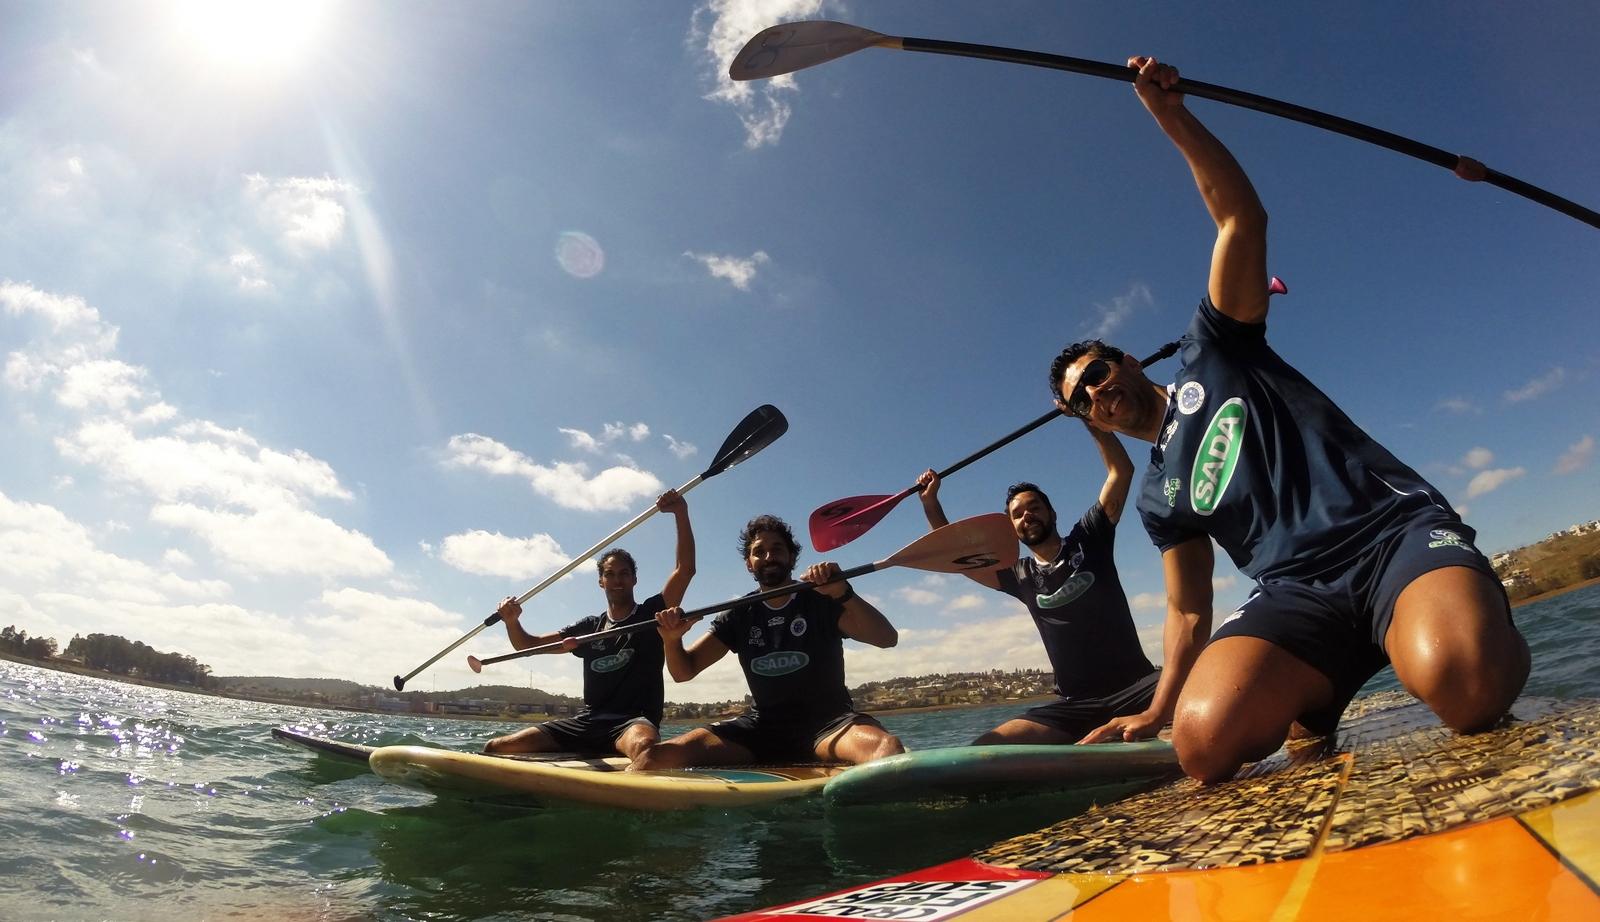 Cruzeirenses inovam na preparação física com stand up paddle e slack-line 392cf9cfe2e91